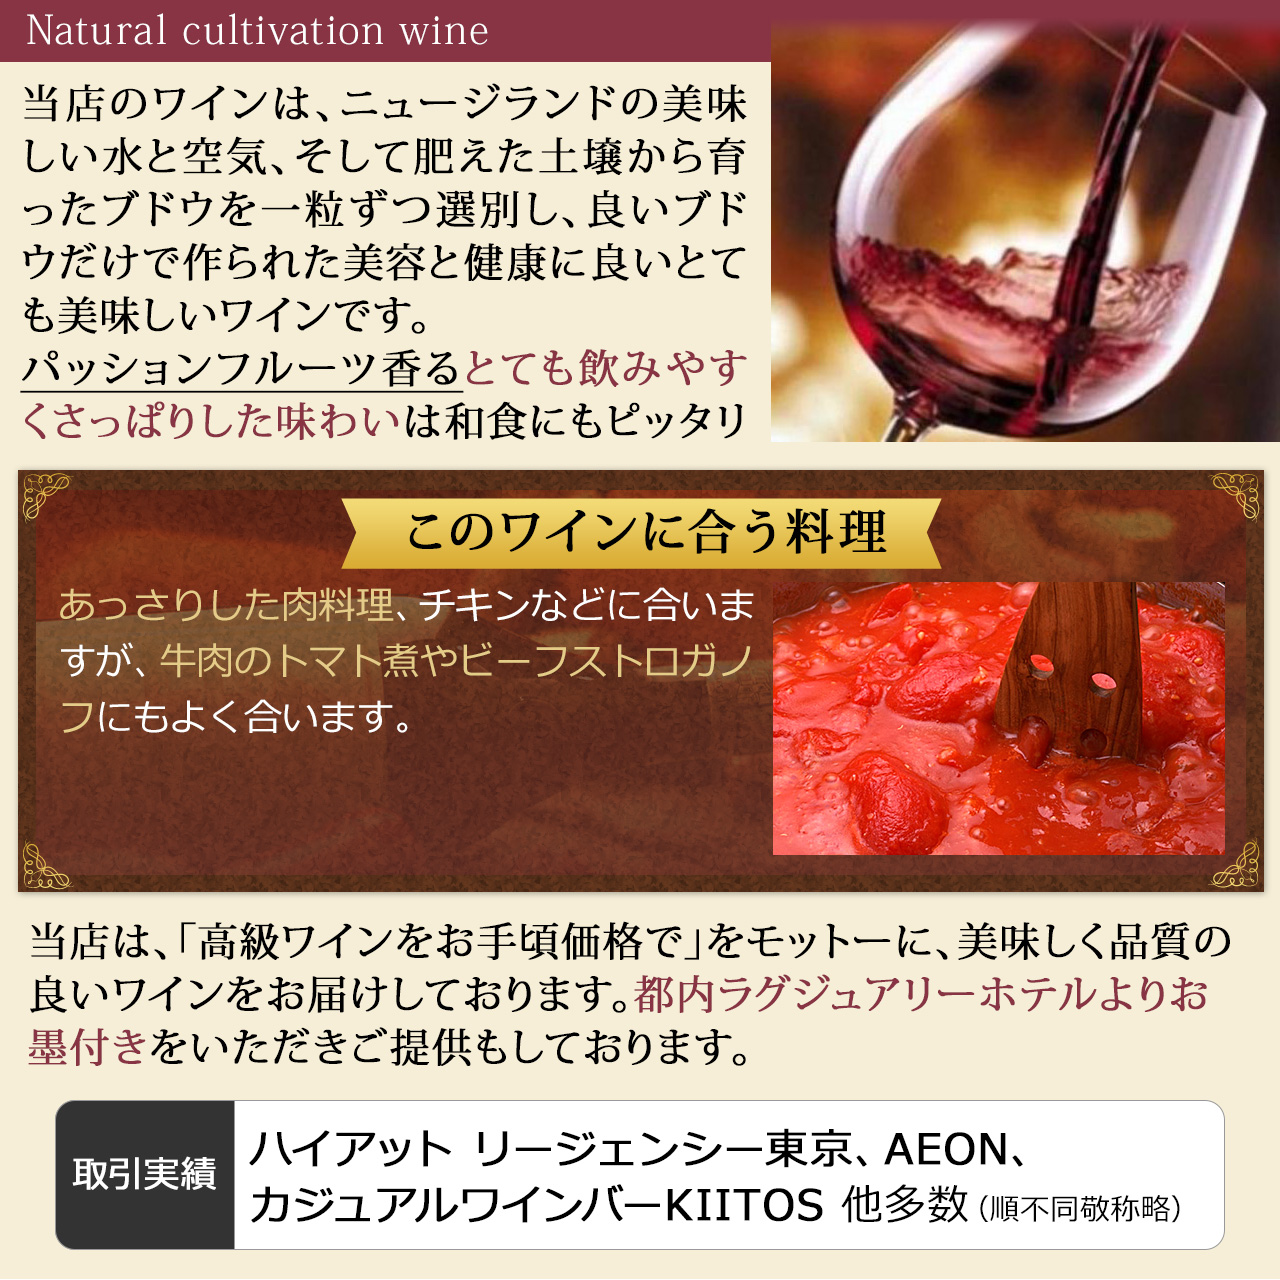 【このワインに合う料理】あっさりした肉料理、チキンなどに合いますが、牛肉のトマト煮やビーフストロガノフにもよく合います。